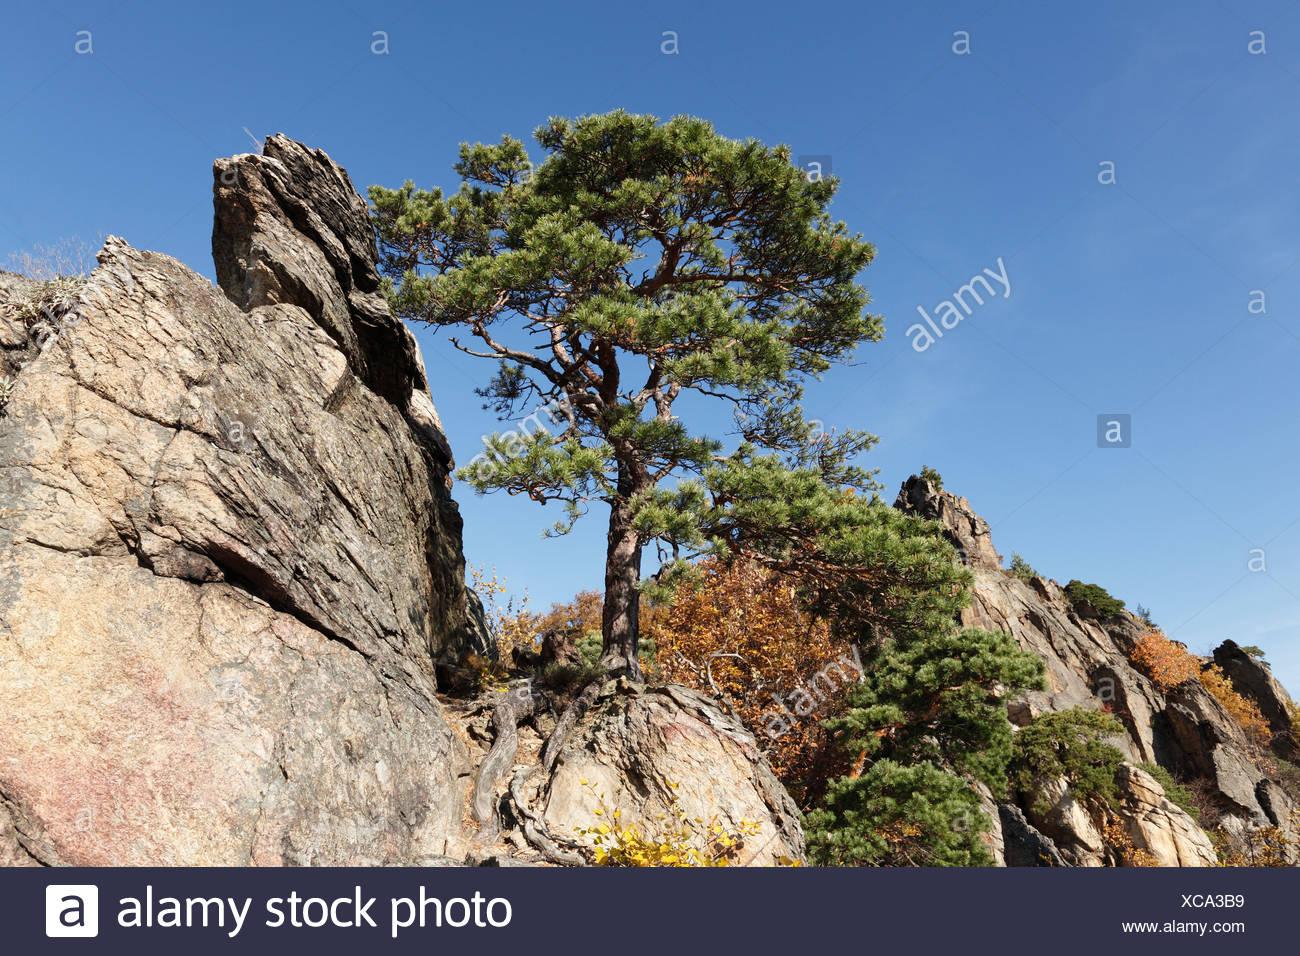 Pine tree growing on a rock, Vogelberg mountain near Duernstein, Wachau valley, Waldviertel region, Lower Austria, Austria - Stock Image